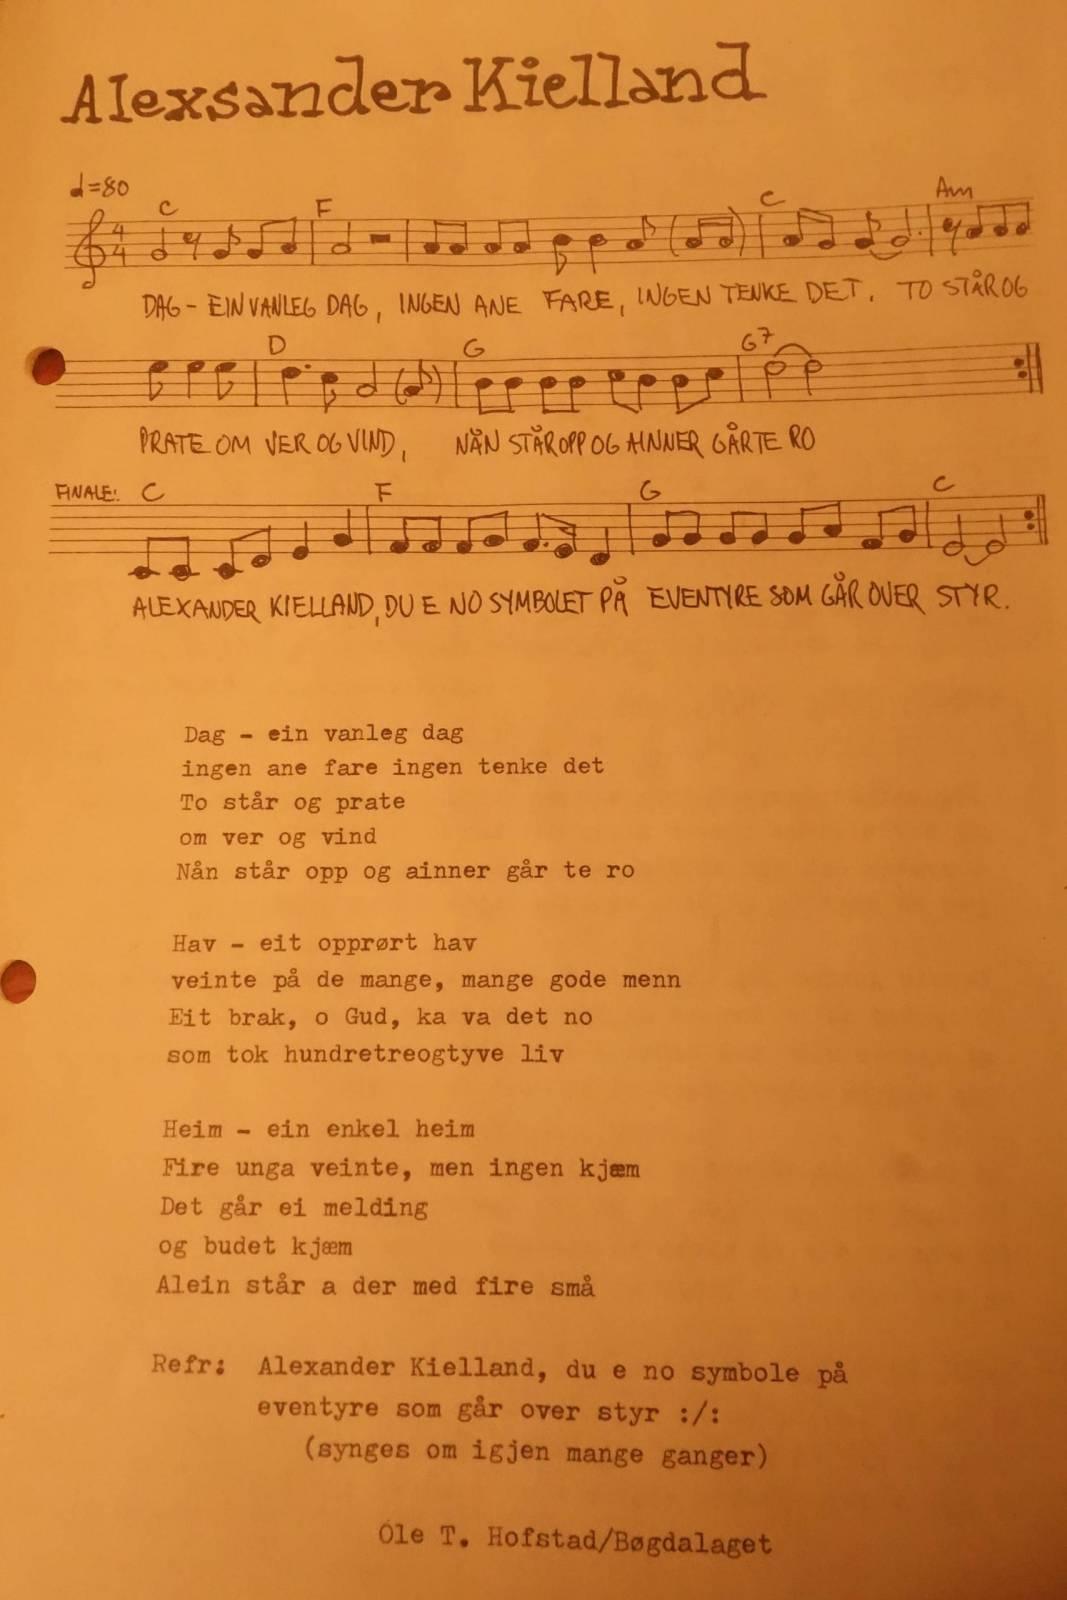 Sangen om Alexander Kielland av Ole T. Hofstad